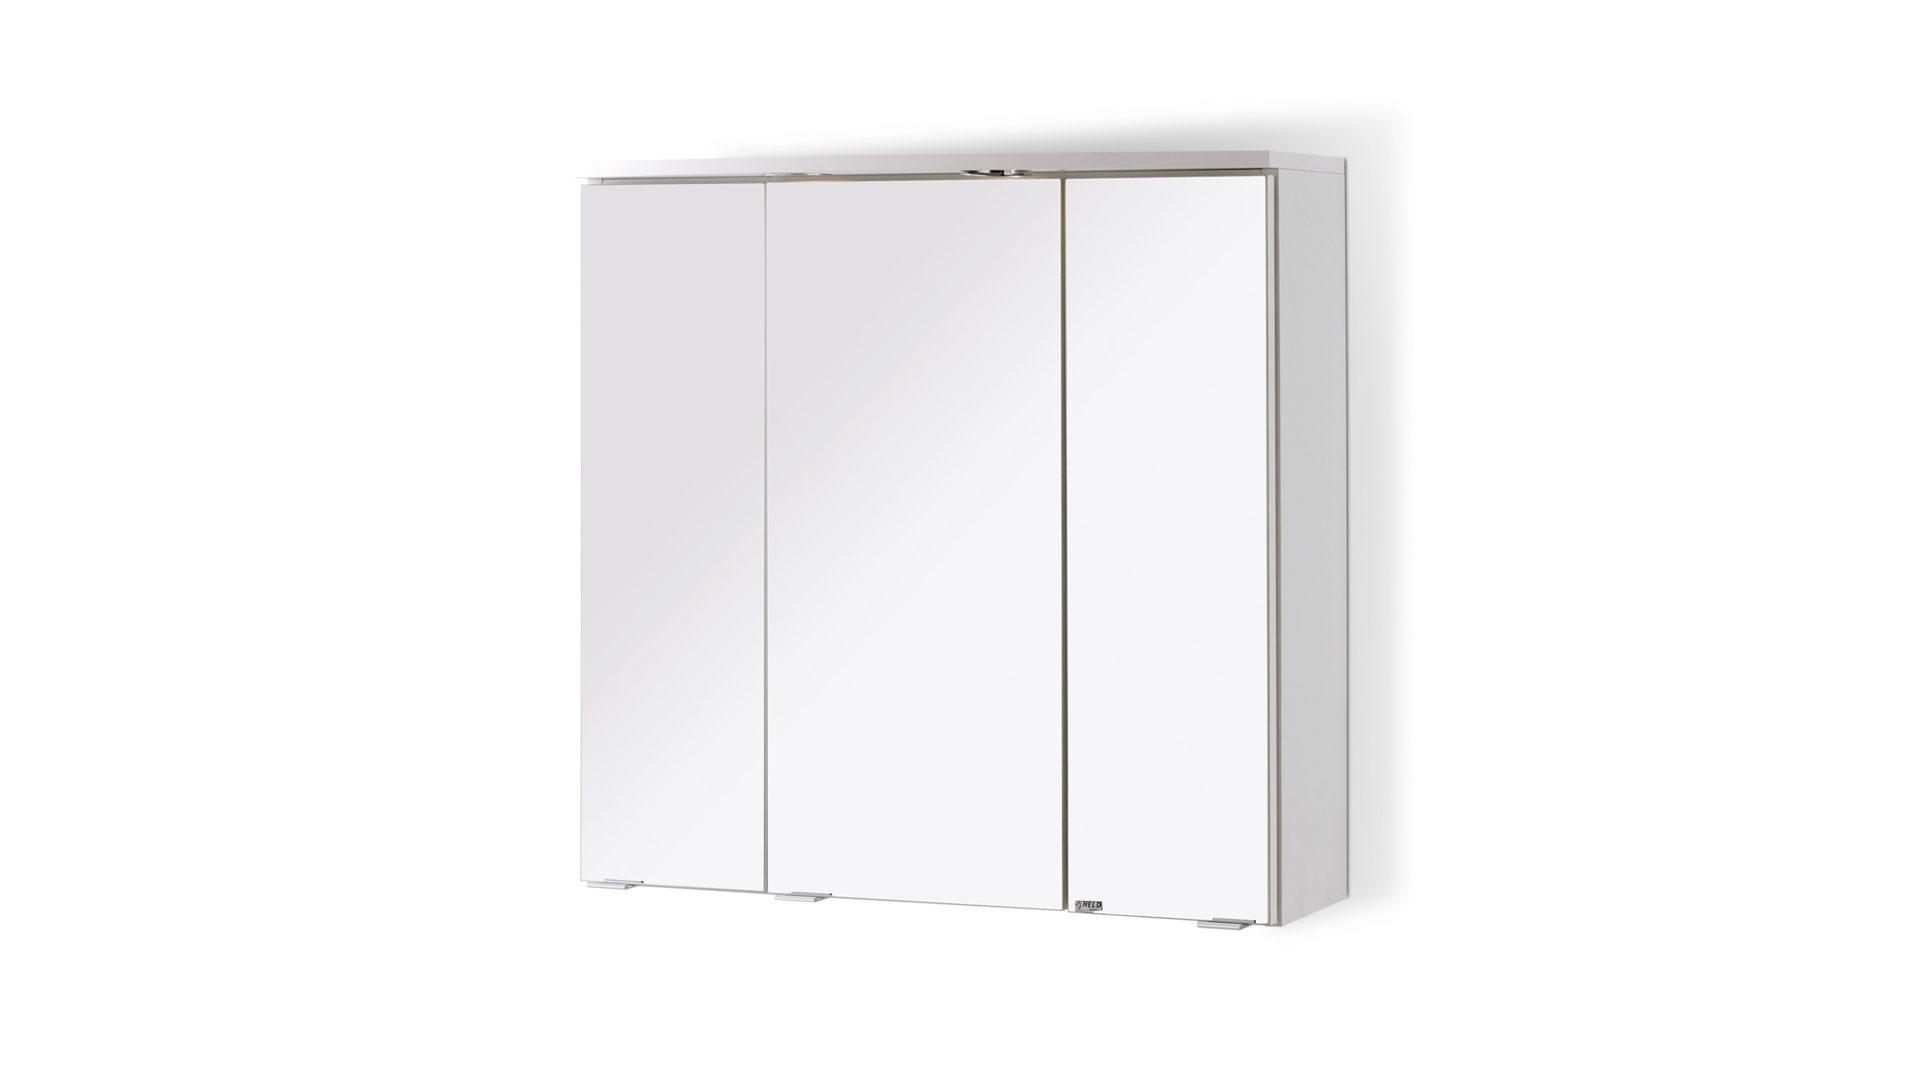 Spiegelschrank Denver, ein Badschrank mit Stil, weiße ...